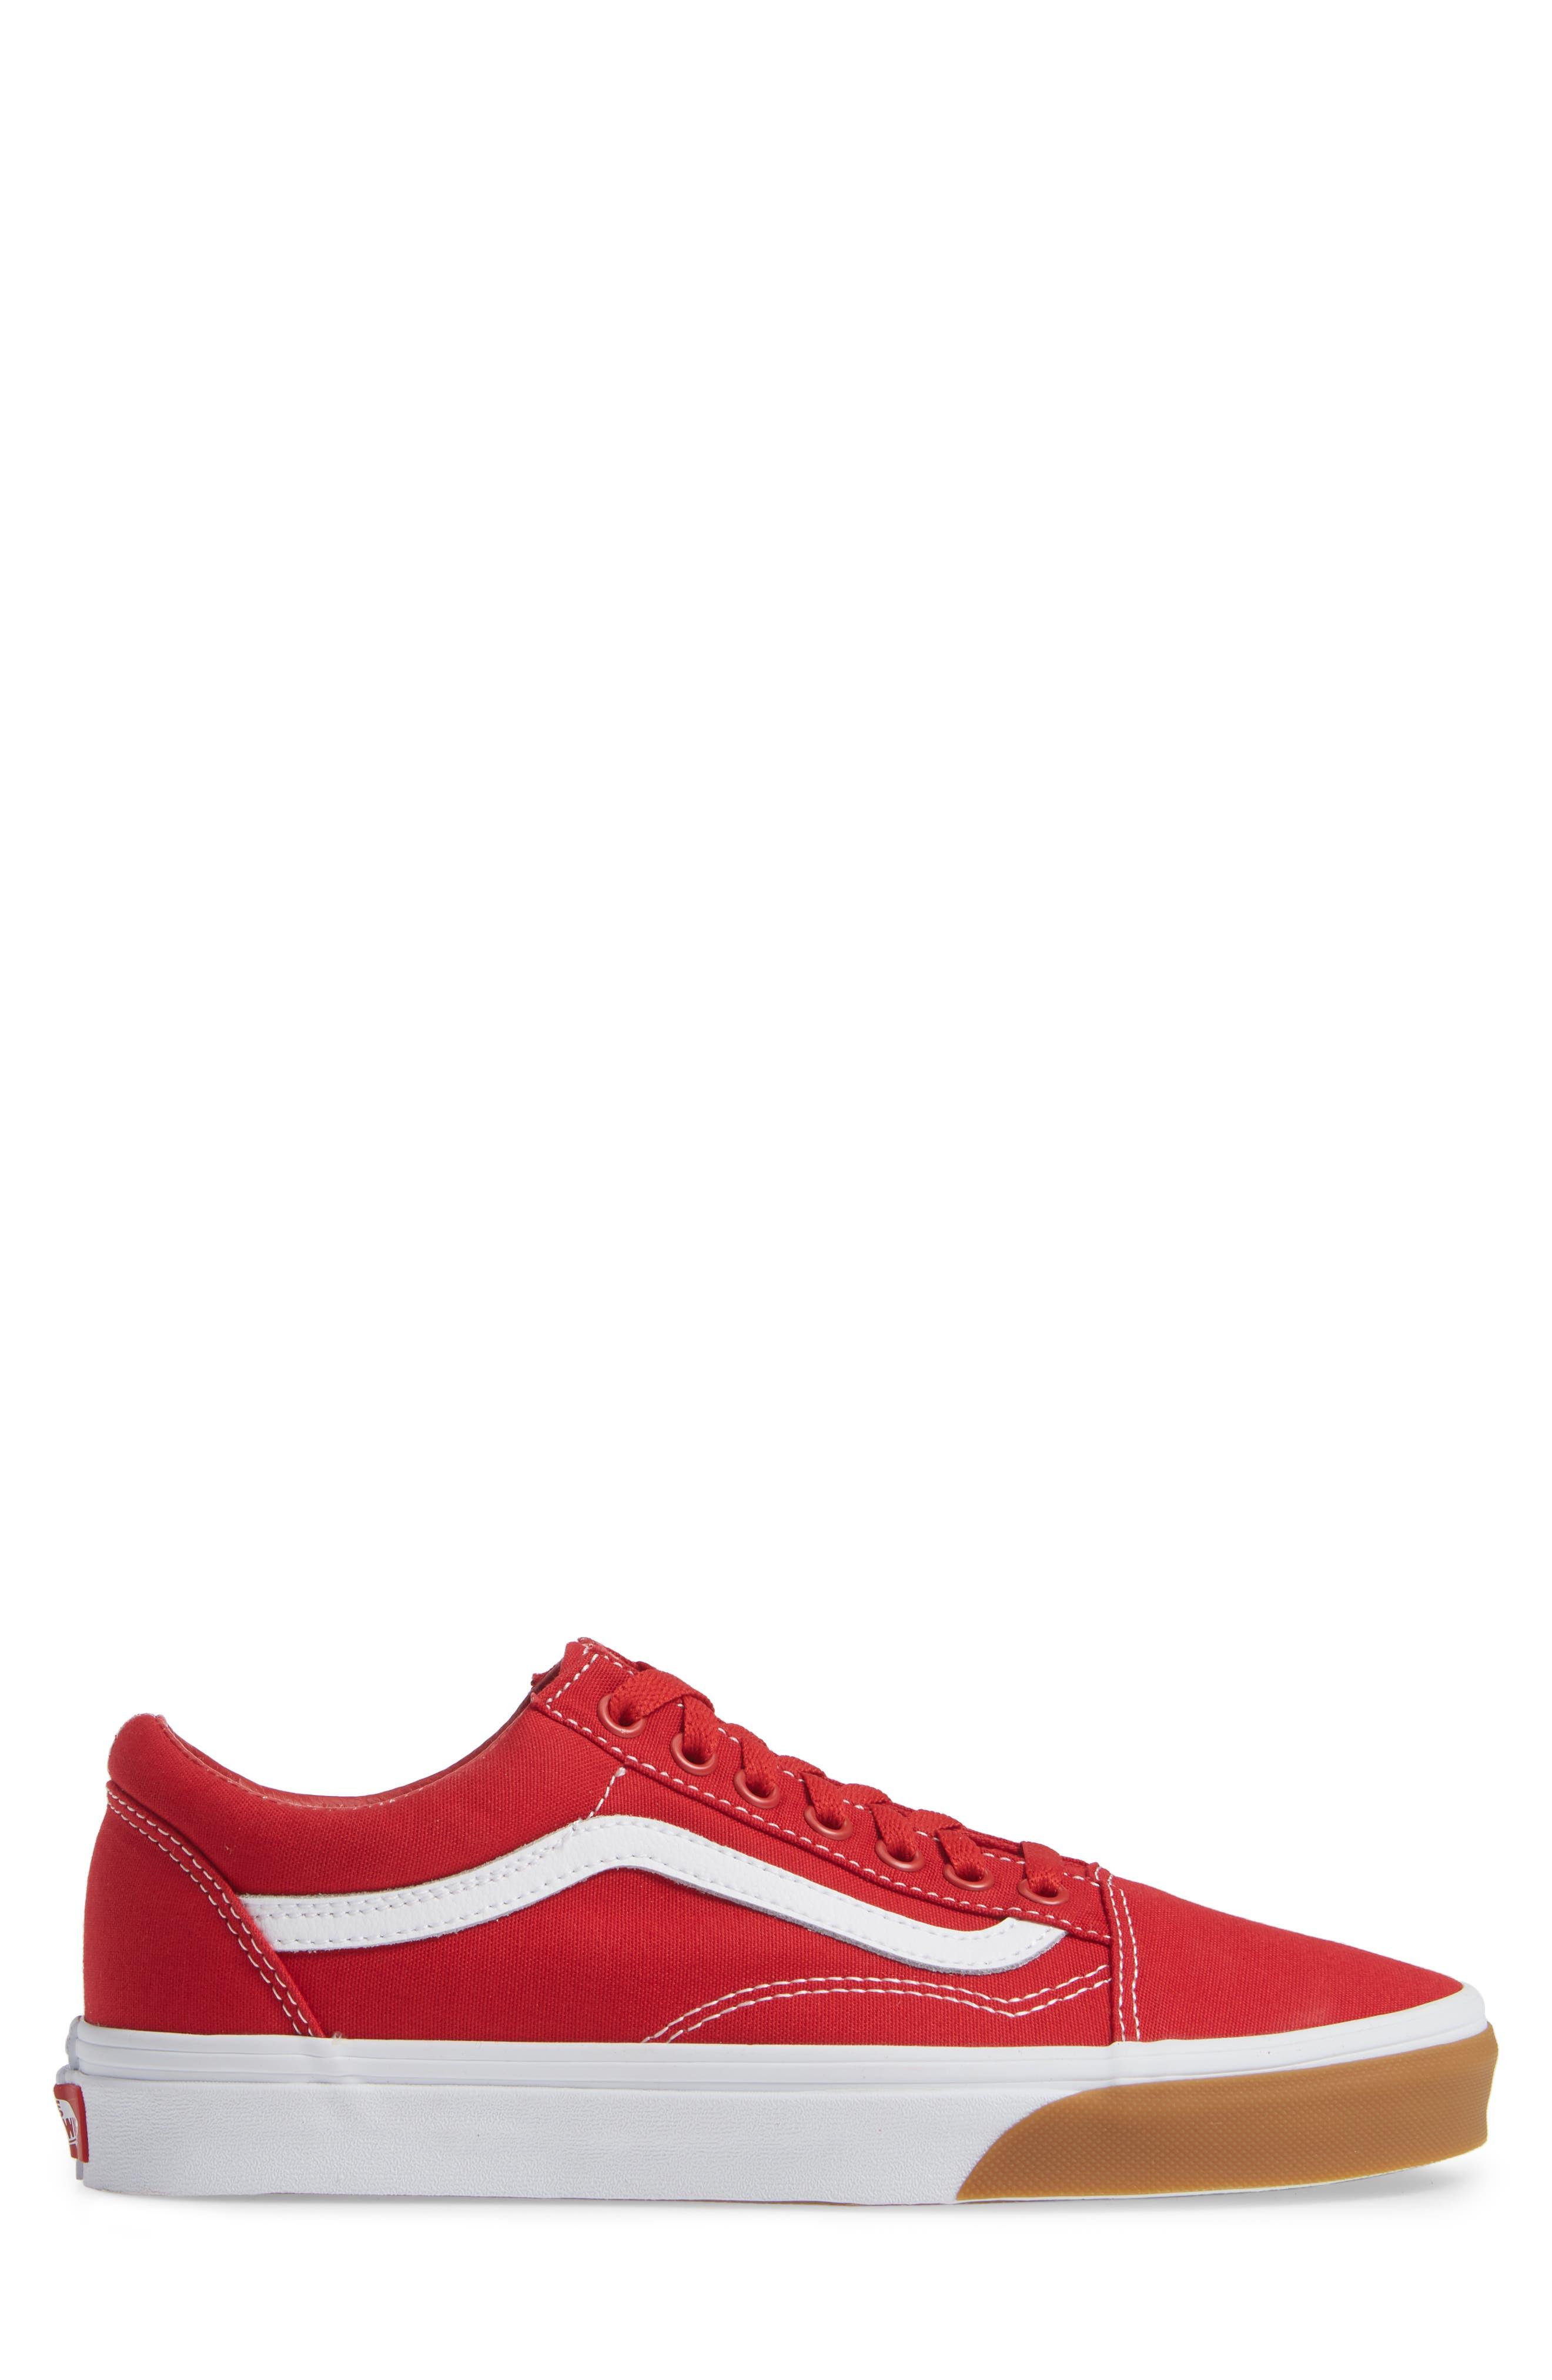 VANS,                             Gum Old Skool Sneaker,                             Alternate thumbnail 3, color,                             RED/ TRUE WHITE